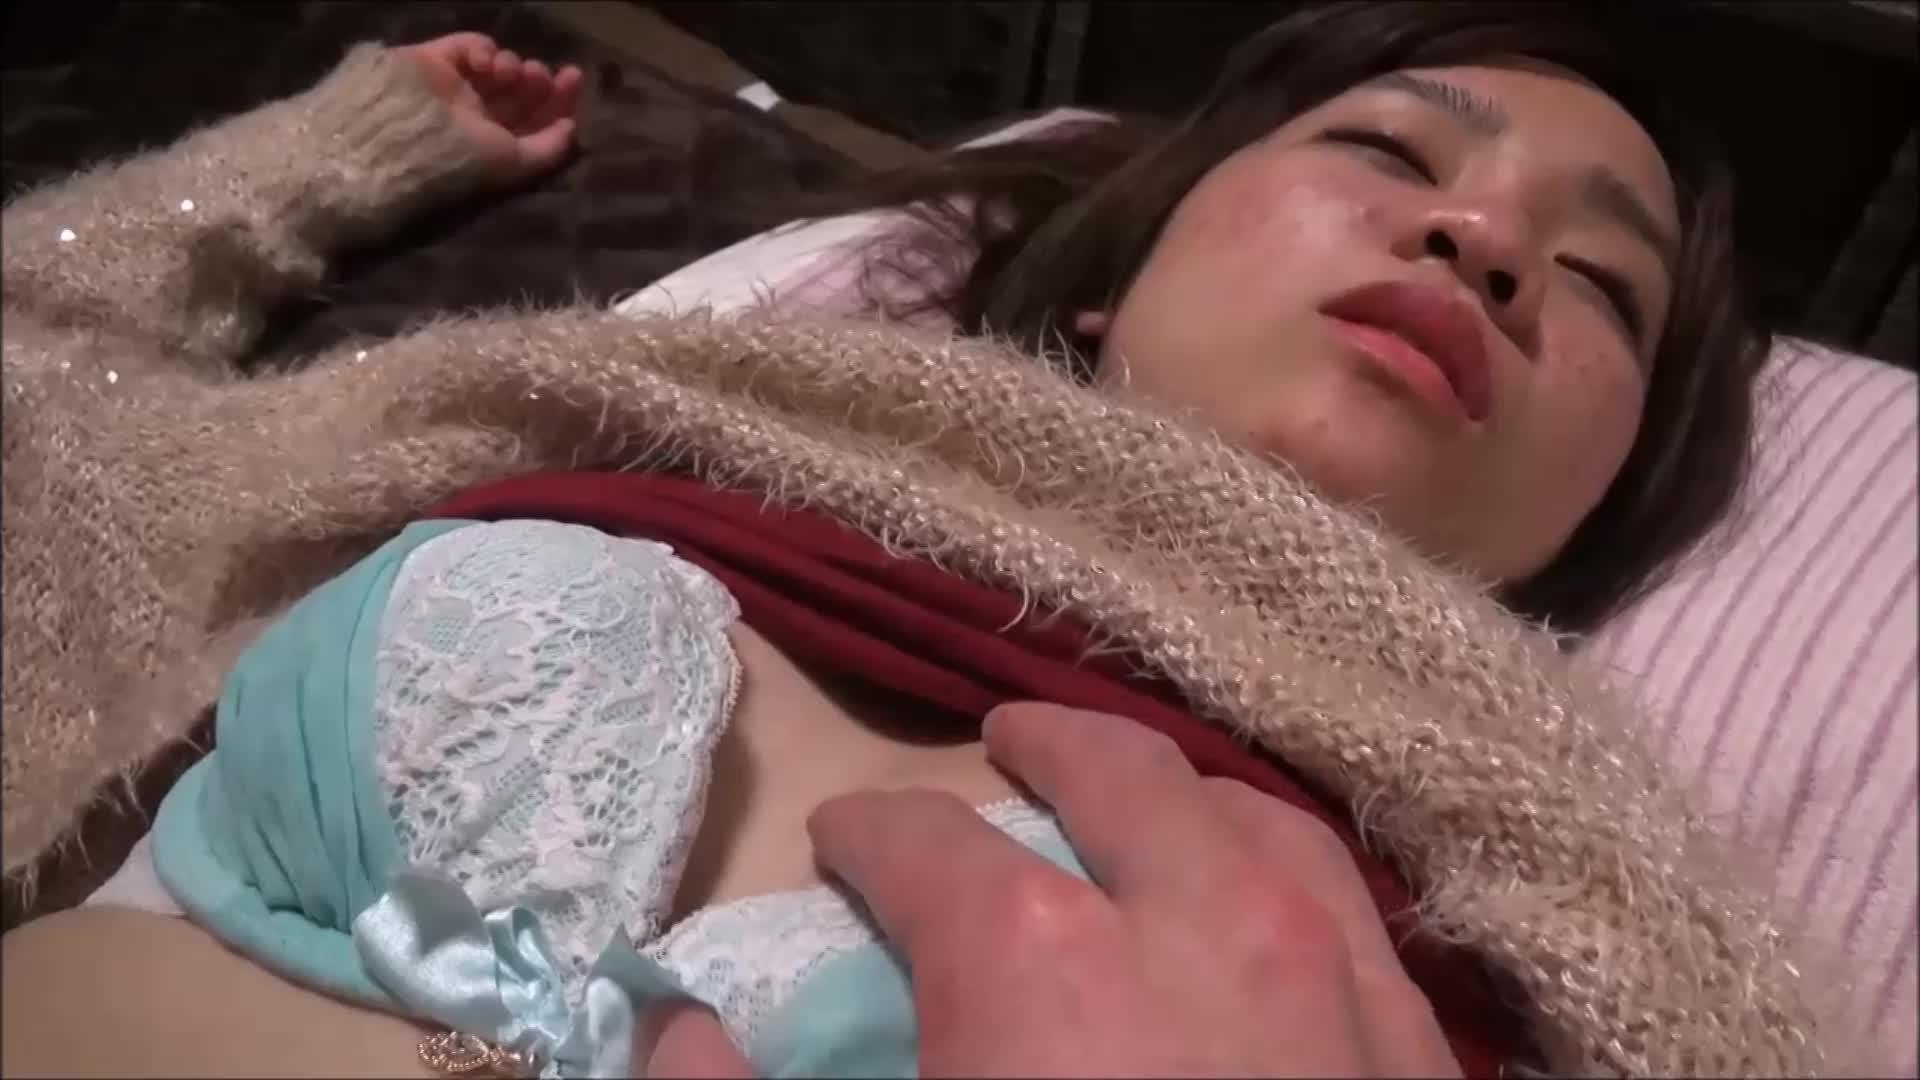 泥酔してるアキバ系女子のおっぱいもんだりチンポ握らせたり悪戯撮影!